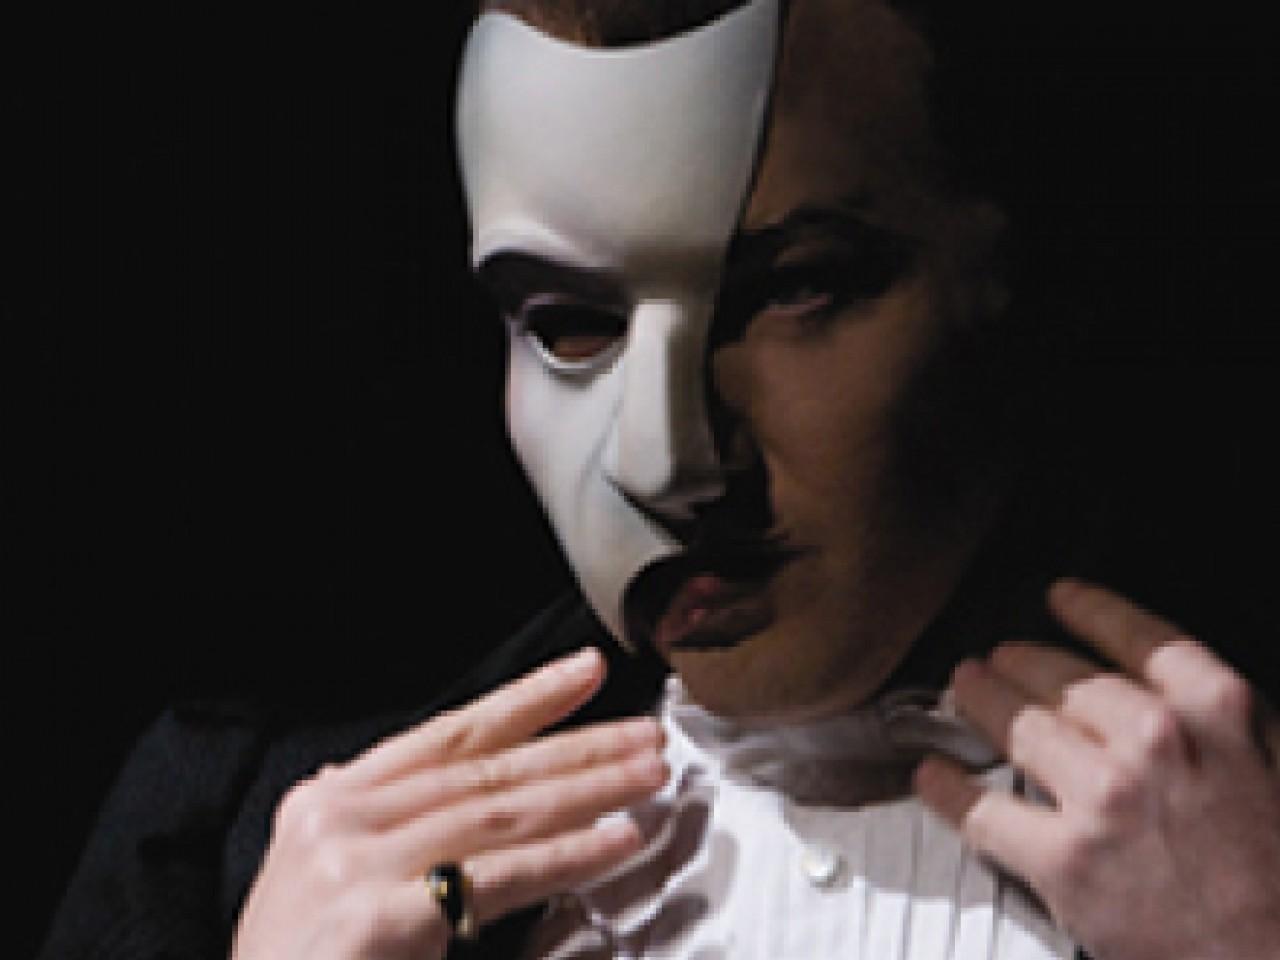 The Phantom of the Opera- Andrew Lloyd Webber's story of sed